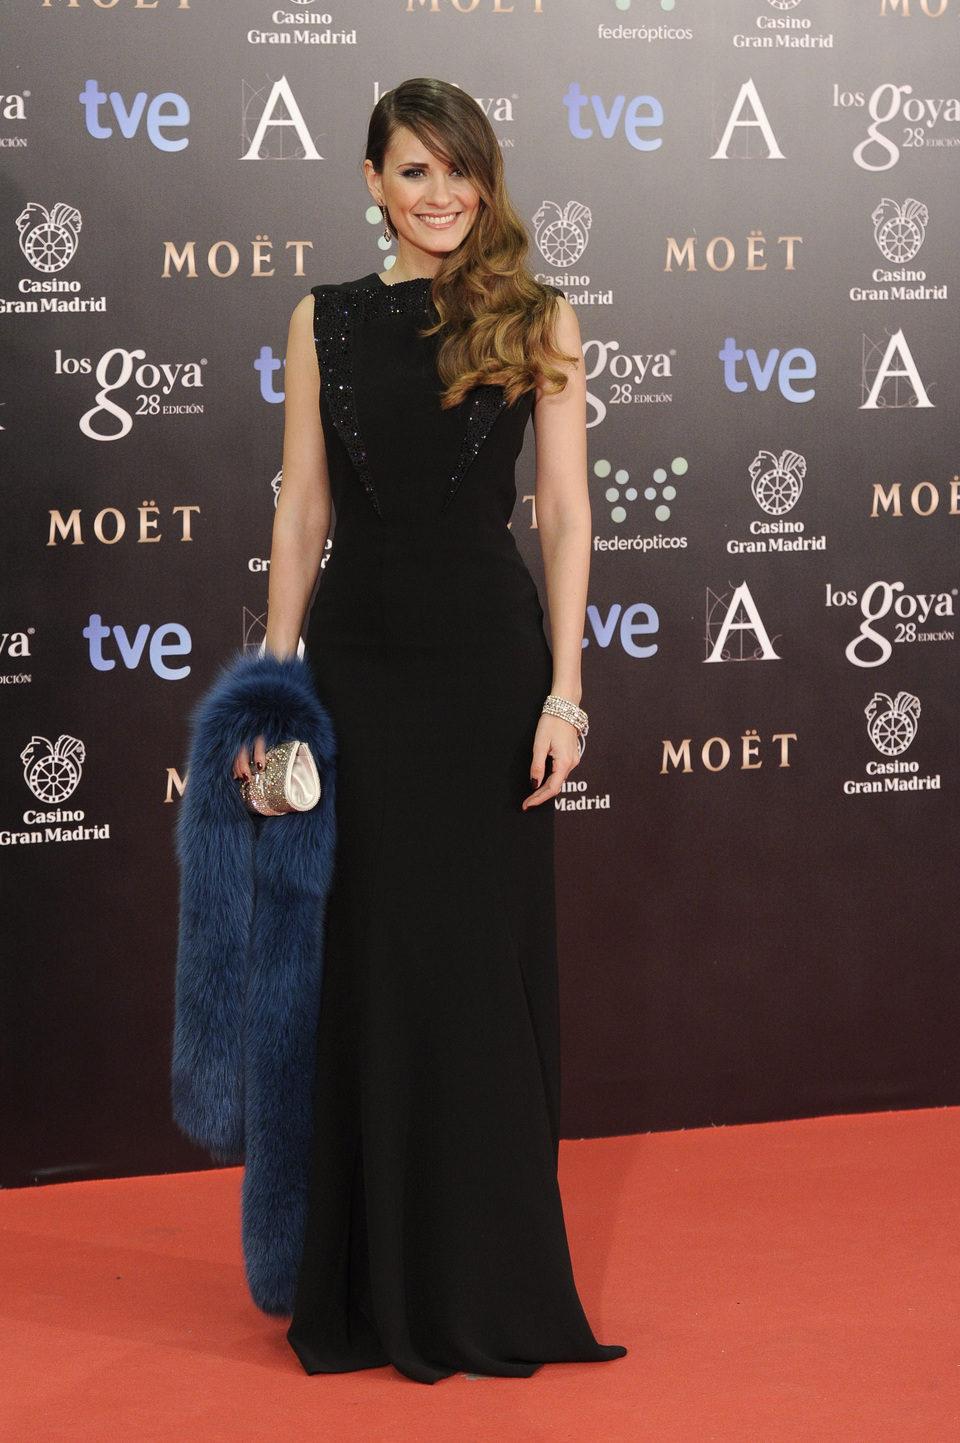 Elena Ballesteros en la alfombra roja de los Goya 2014